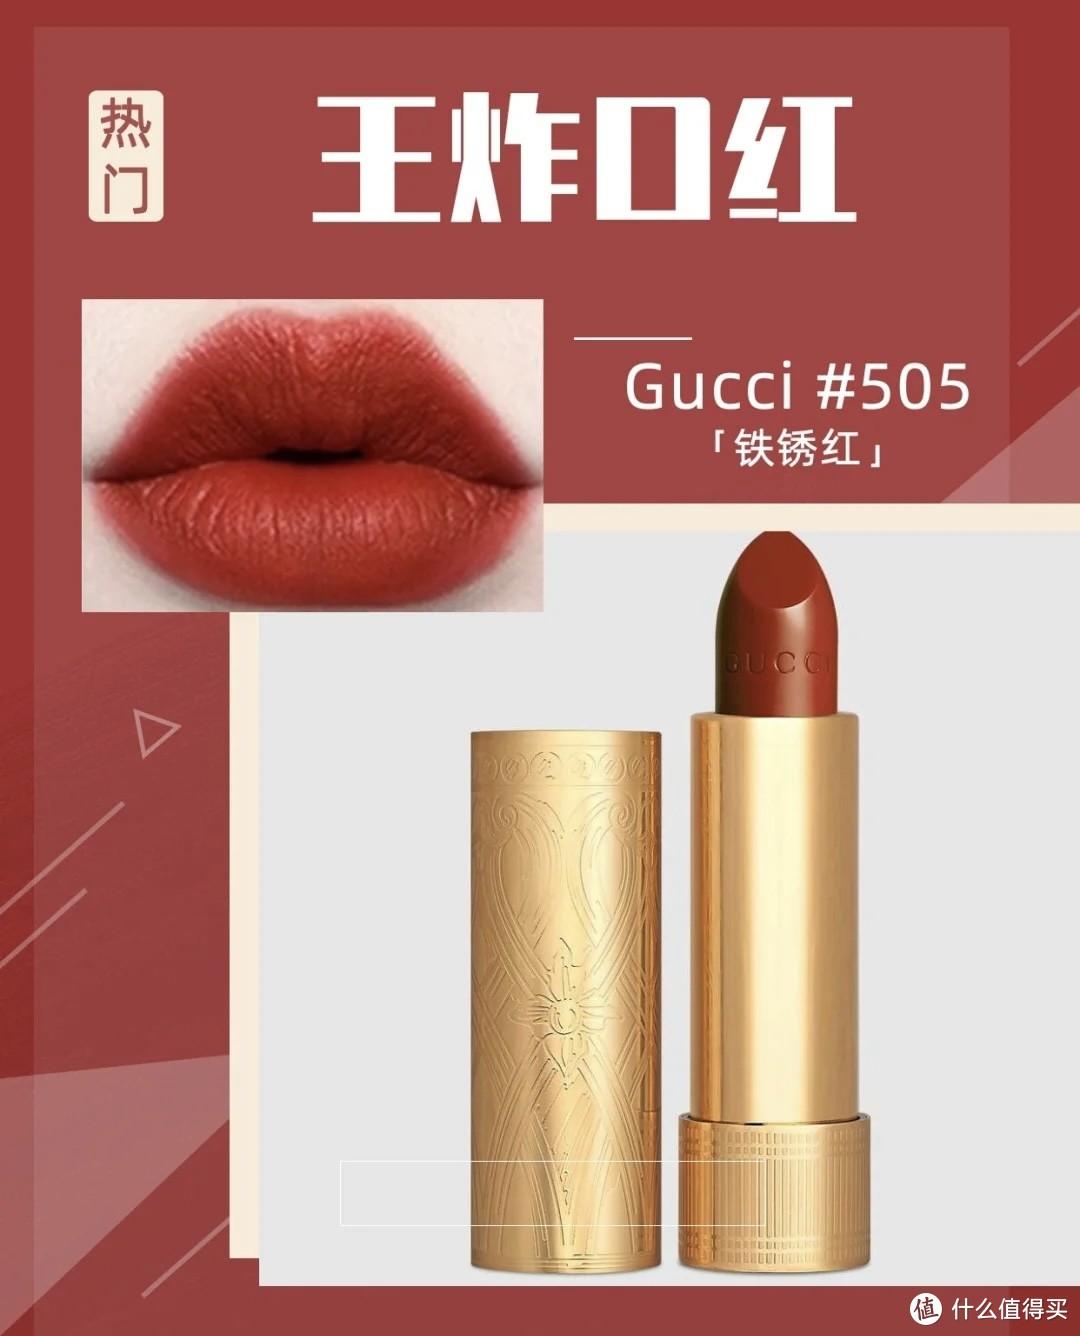 Gucci #505